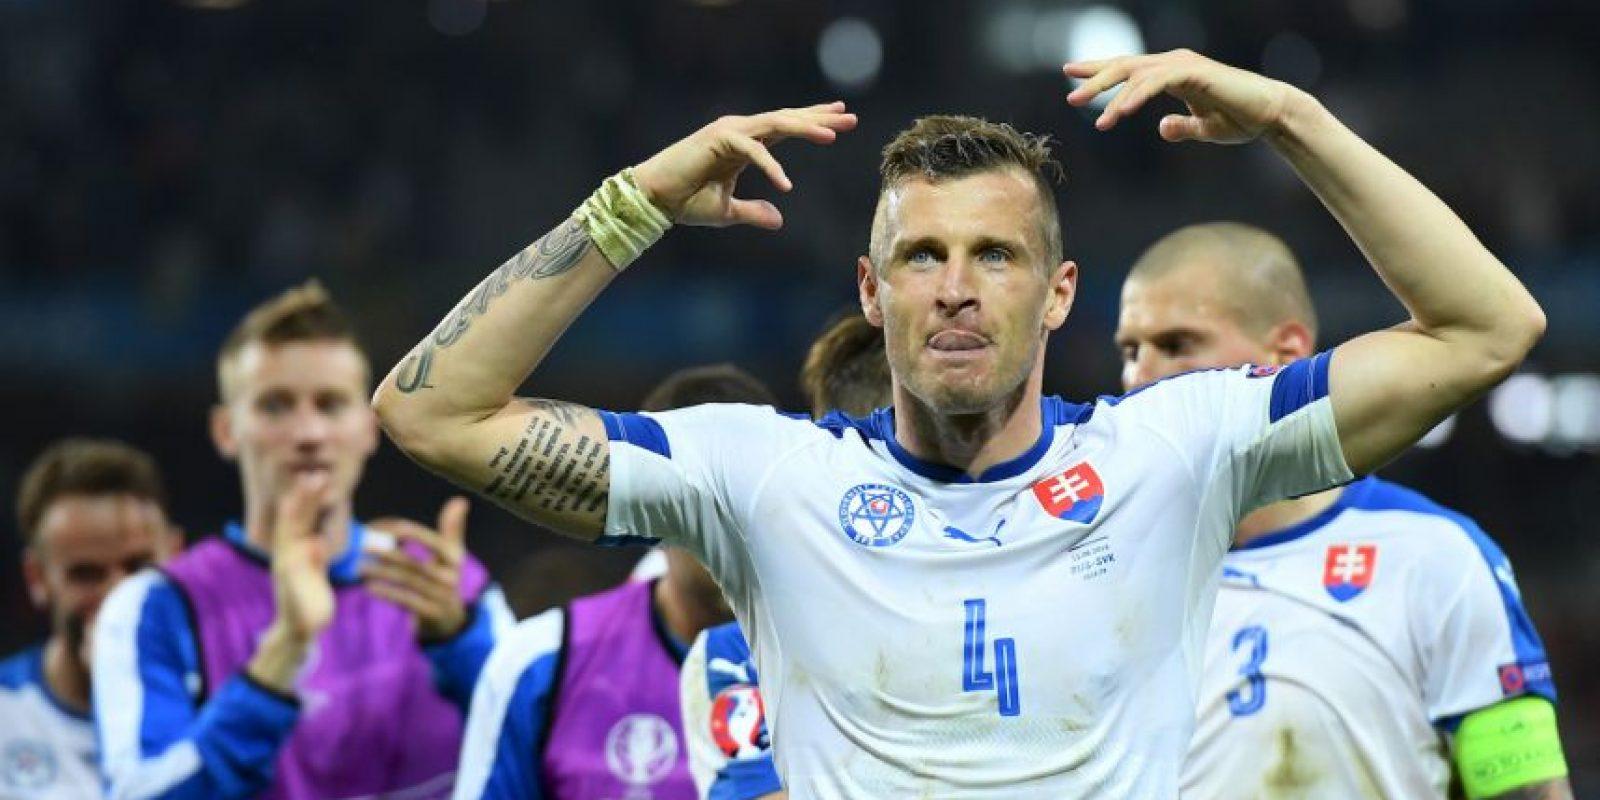 Eslovaquia, por su parte, debutó en el torneo y ha tenido un buen papel en la primera Eurocopa que disputn. Pese a que perdieron por 2 a 1 ante Gales, en la segunda fecha tuvieron un buen partido y le ganaron a Rusia Foto:Getty Images